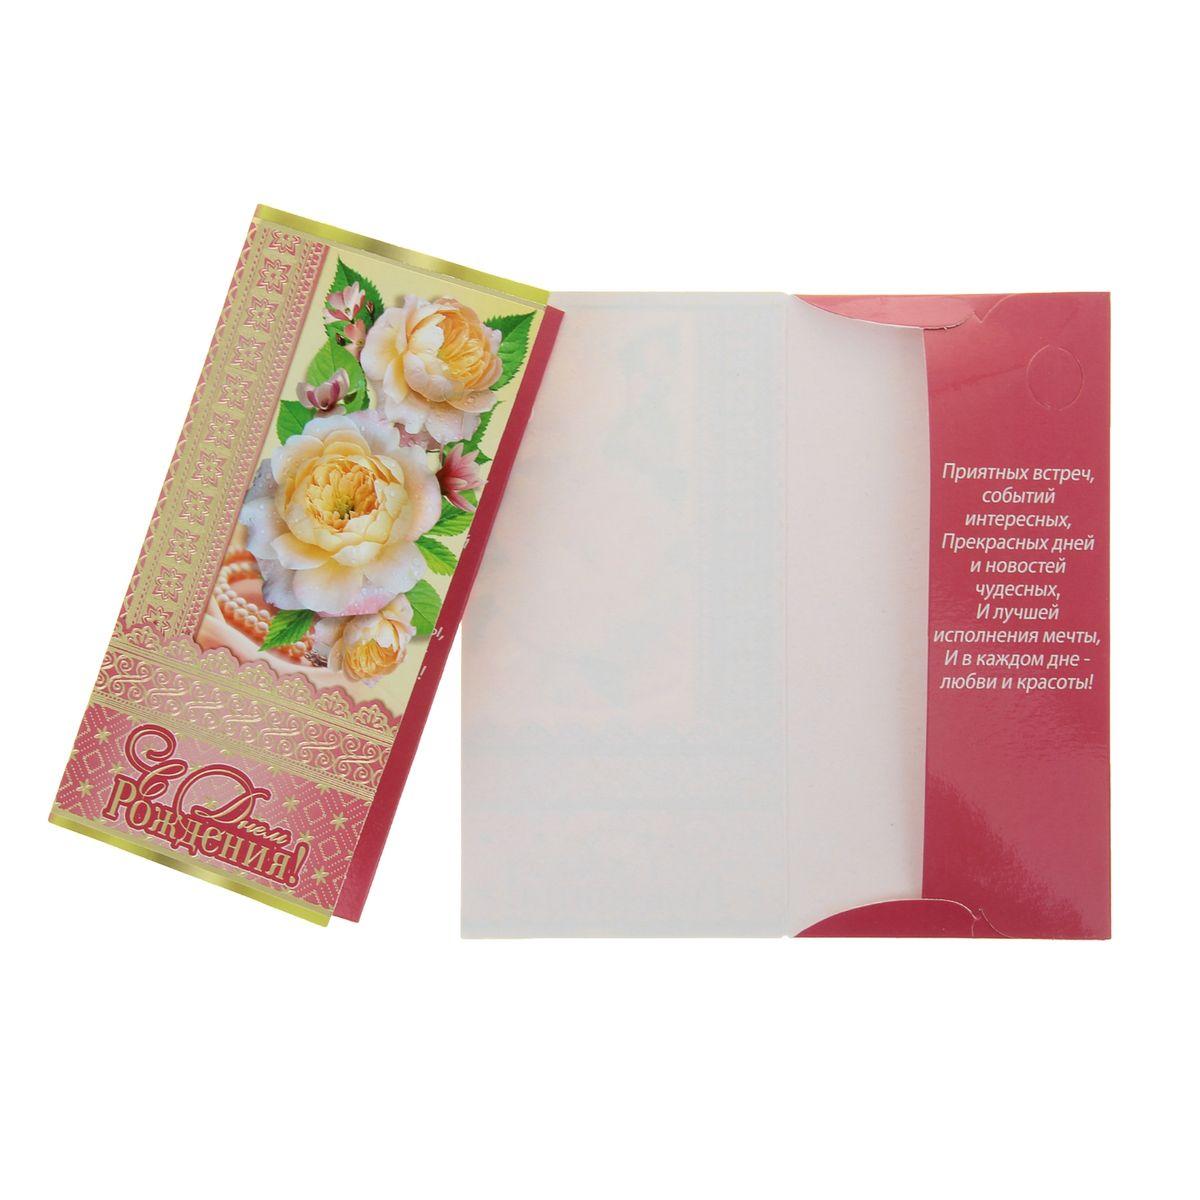 Конверт для денег С Днем Рождения!. 11243221124322Конверт для денег С Днем Рождения! выполнен из плотной бумаги и украшен яркой картинкой. Это необычная красивая одежка для денежного подарка, а так же отличная возможность сделать его более праздничным и создать прекрасное настроение!